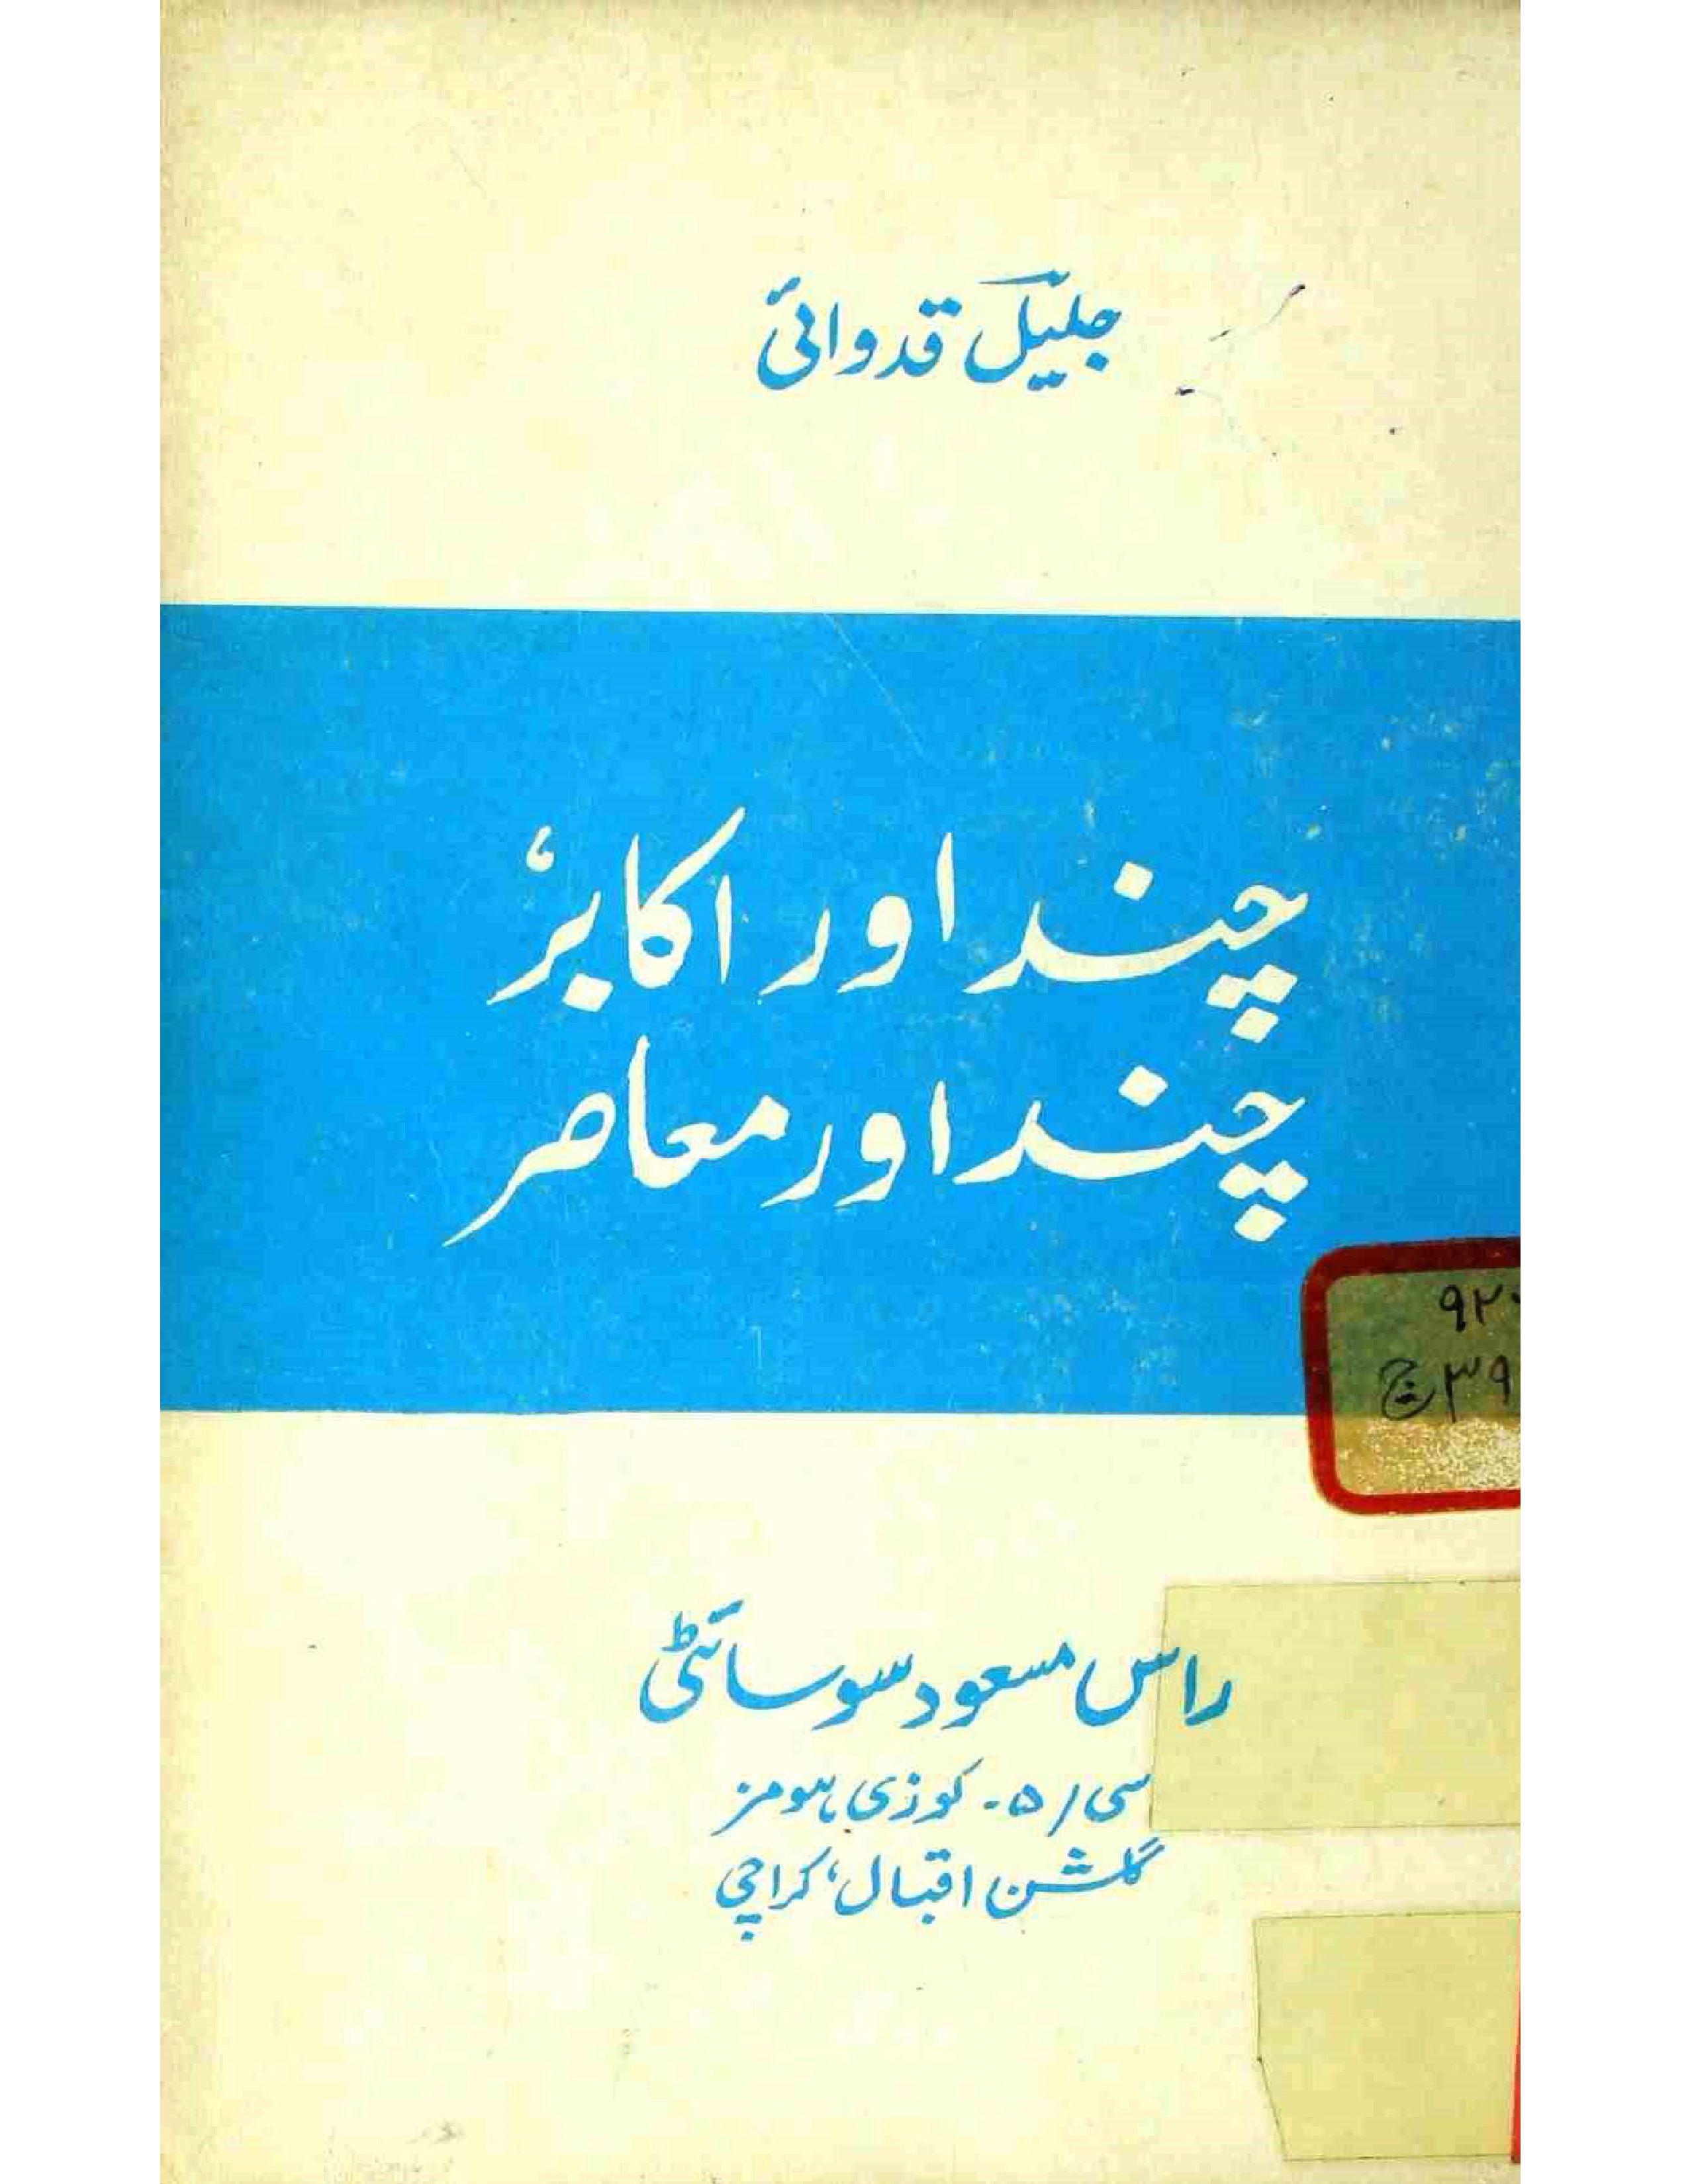 Chand Aur Akabir, Chand Aur Maasir